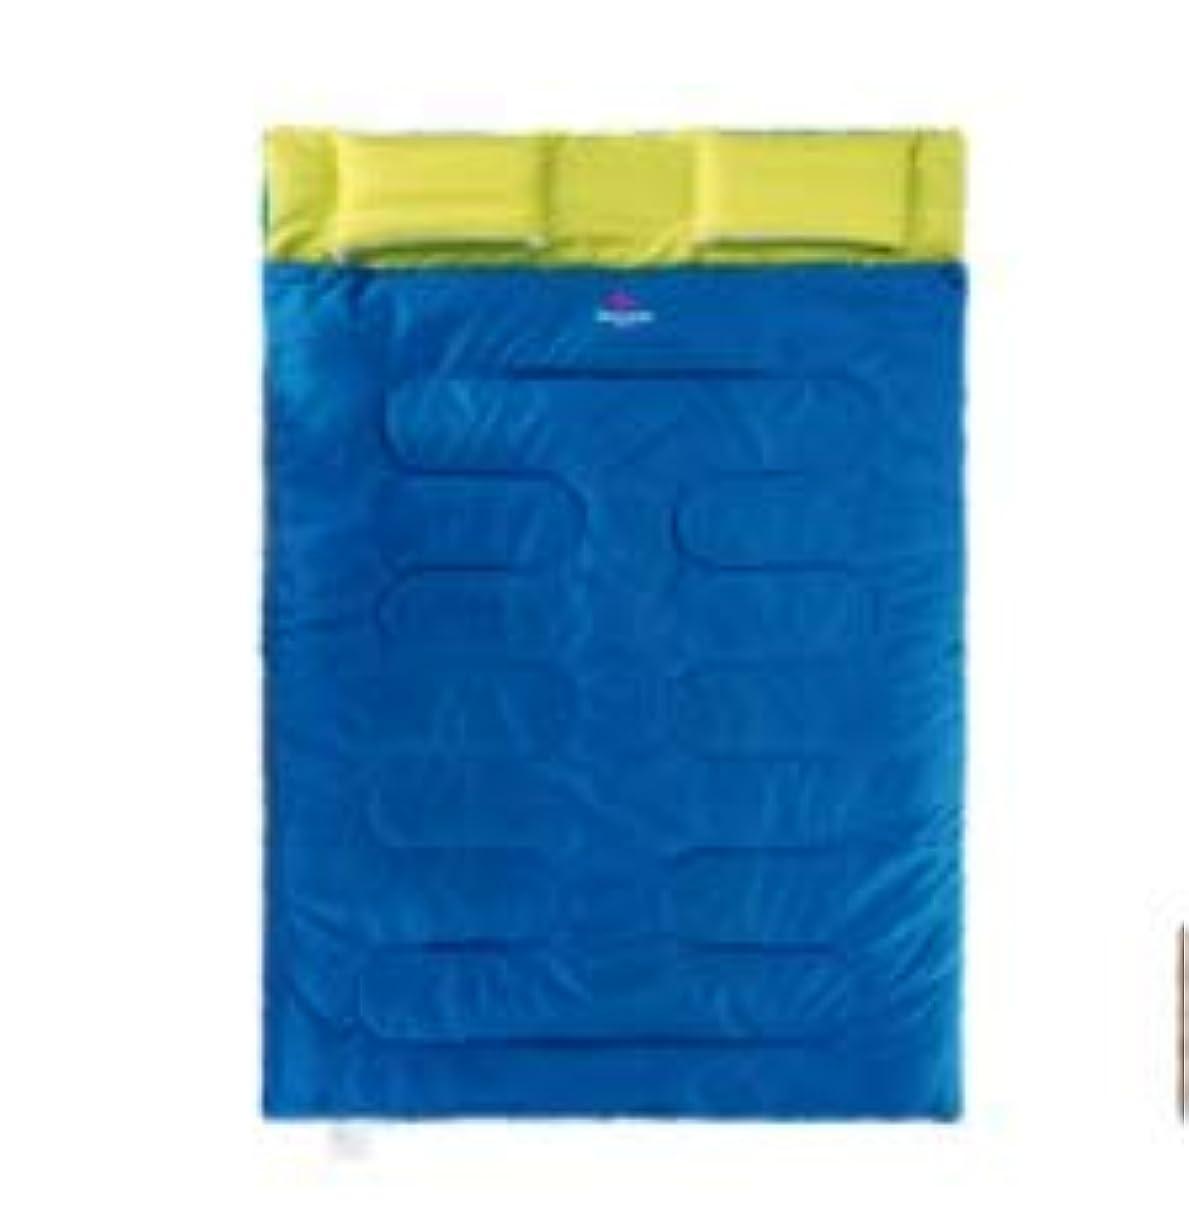 オン重力ハンディキャップカップルダブル寝袋大人の屋外の季節の綿のキャンプ暖かい厚い暖かい